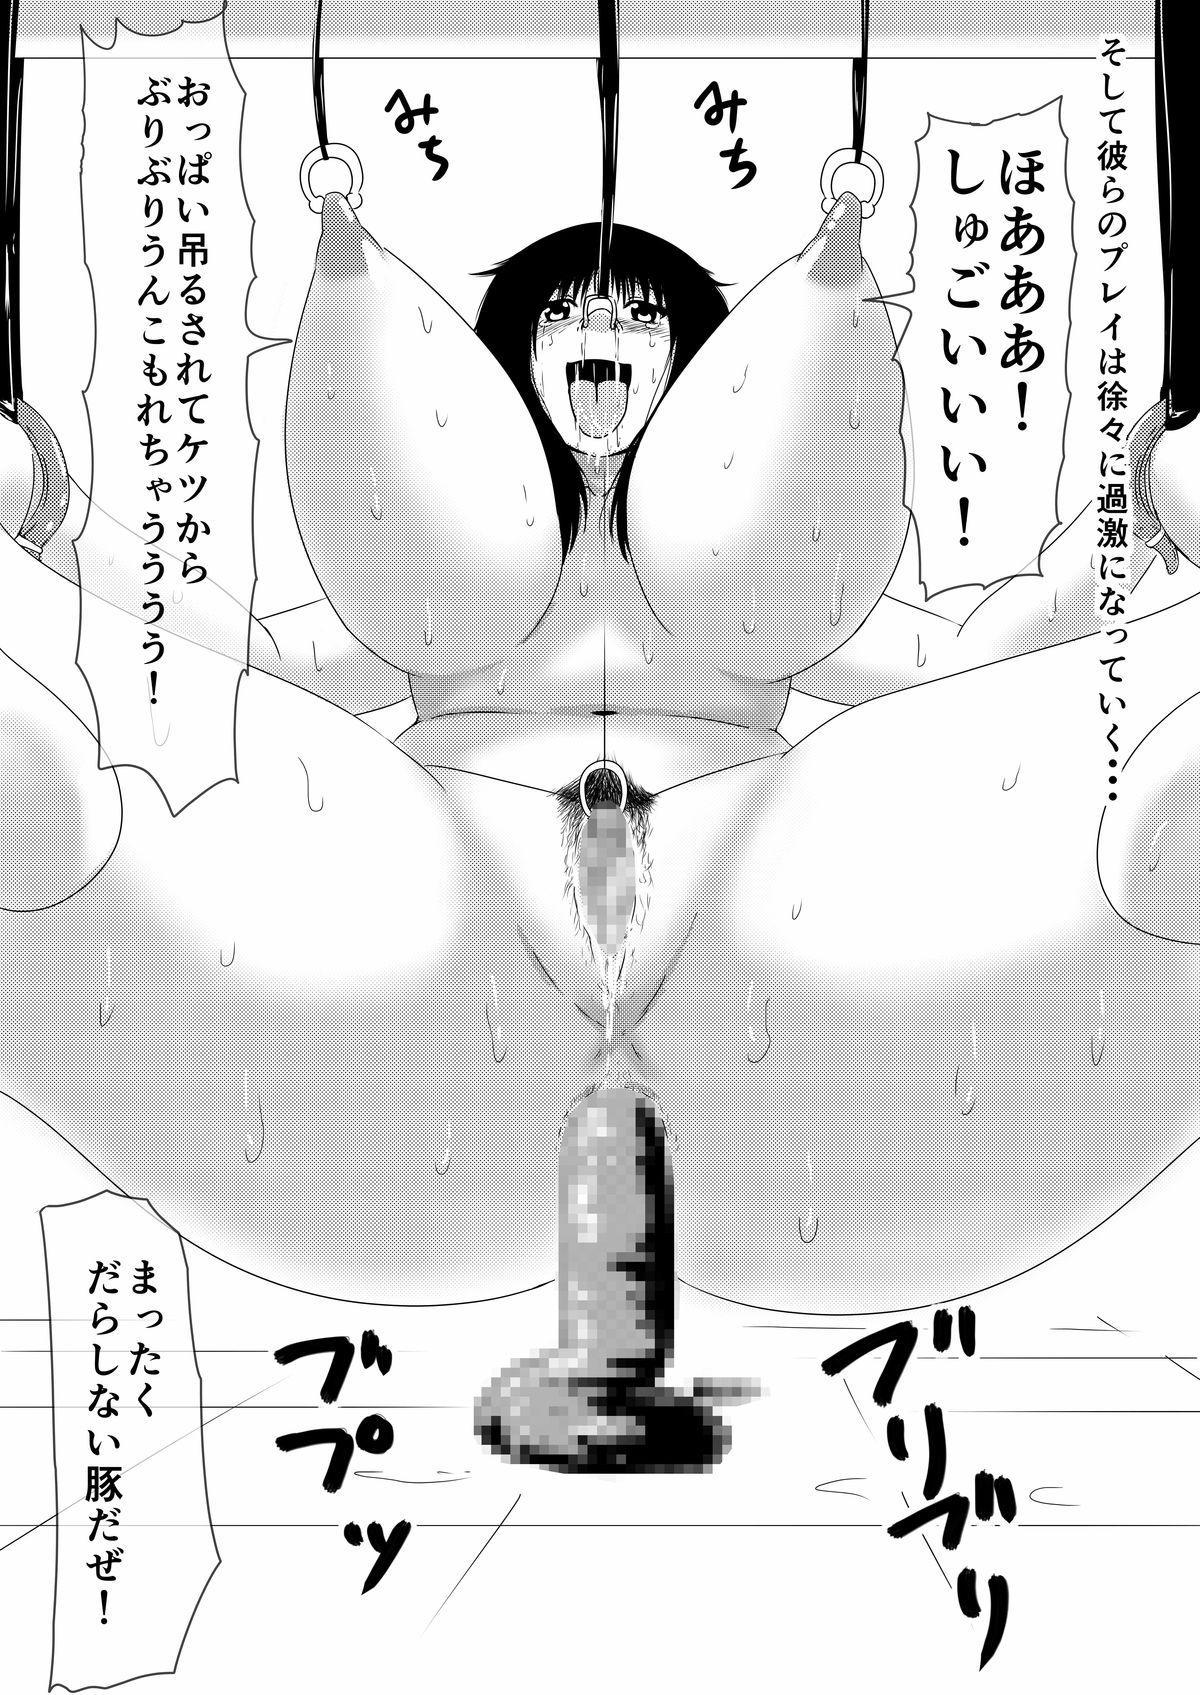 [Mikezoutei] Mashou no Chinko o Motsu Shounen ~Kare no Dankon wa Josei o Mesu e to Kaeru~ Zenpen 121